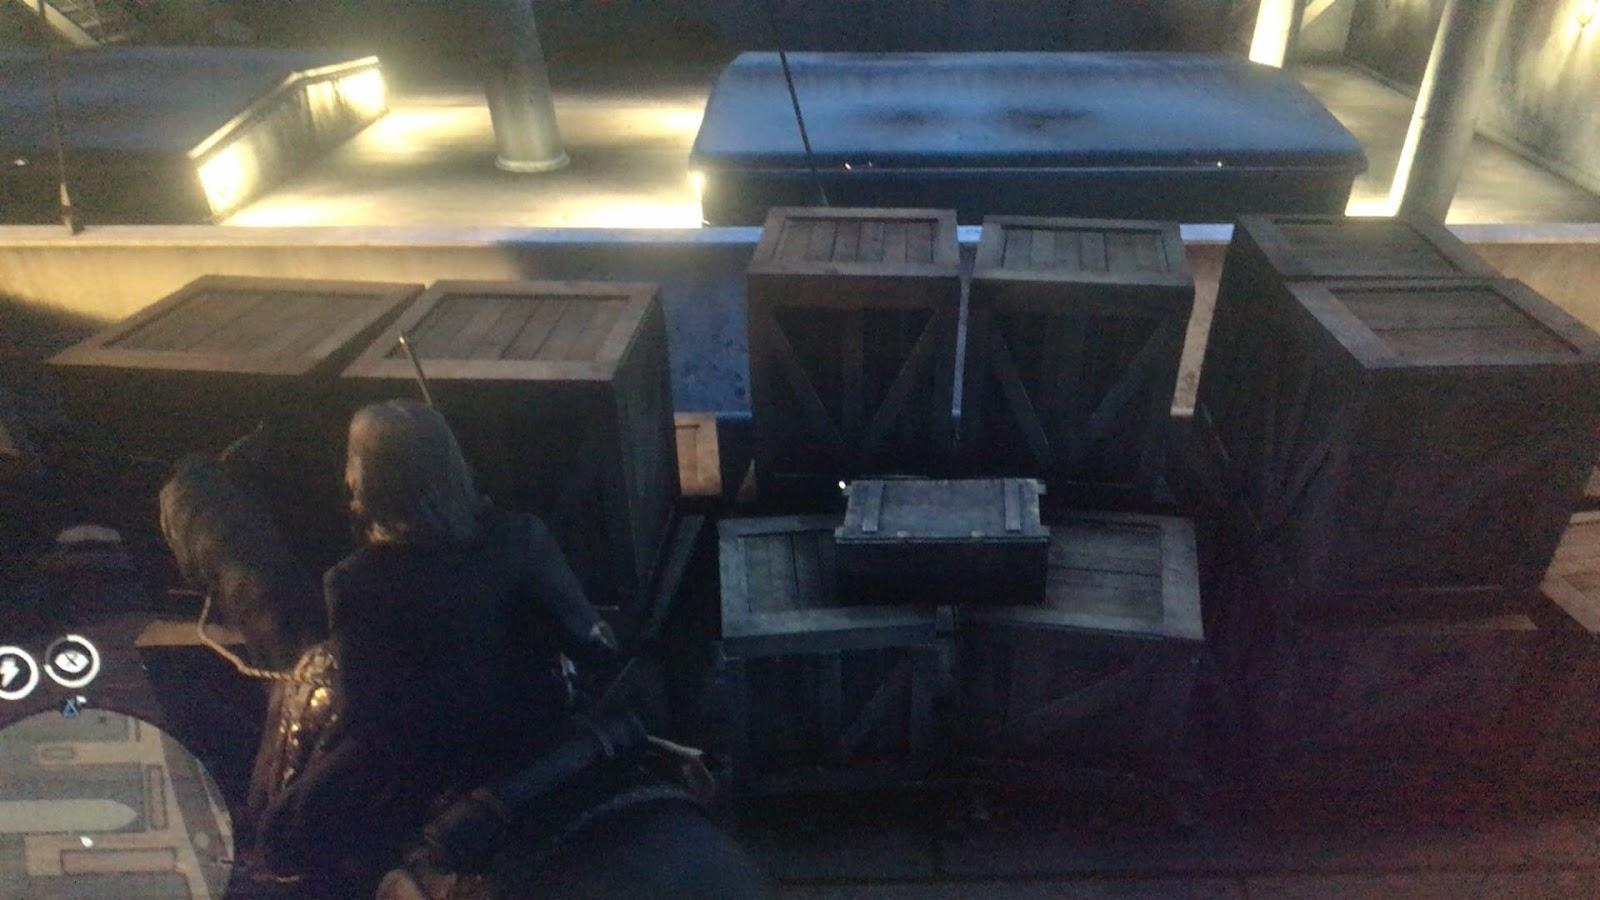 碧血狂殺 2 (Red Dead Redemption 2) 線上模式刷經驗位置與技能搭配分享 | 娛樂計程車